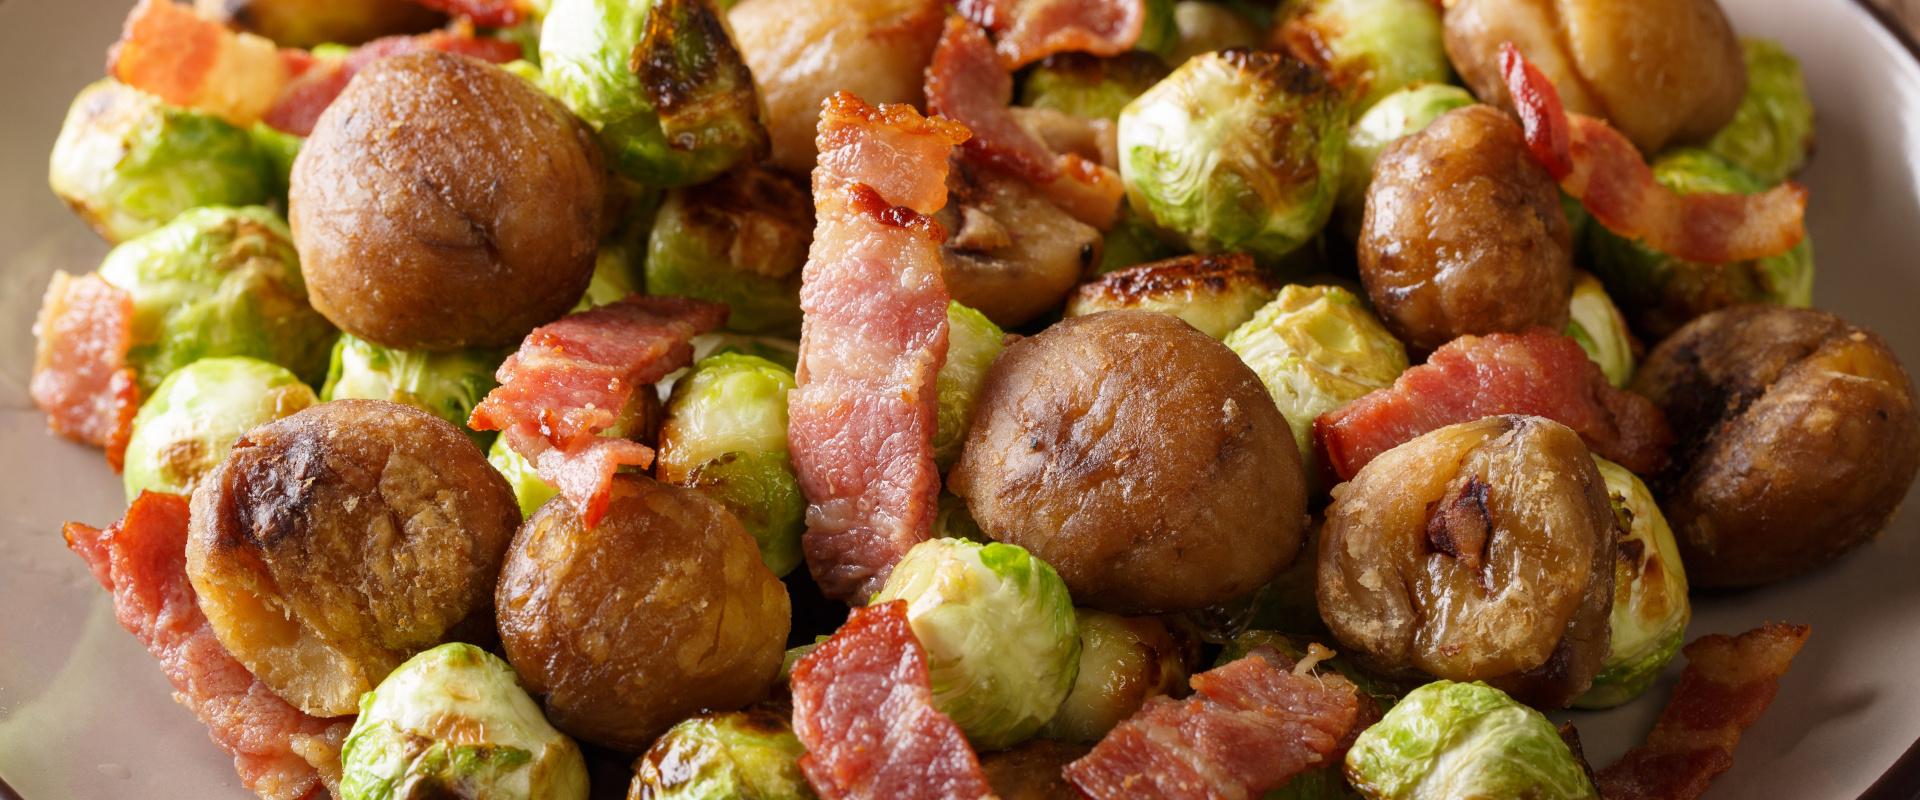 gesztenyével sült kelbimbó baconnel cover ok